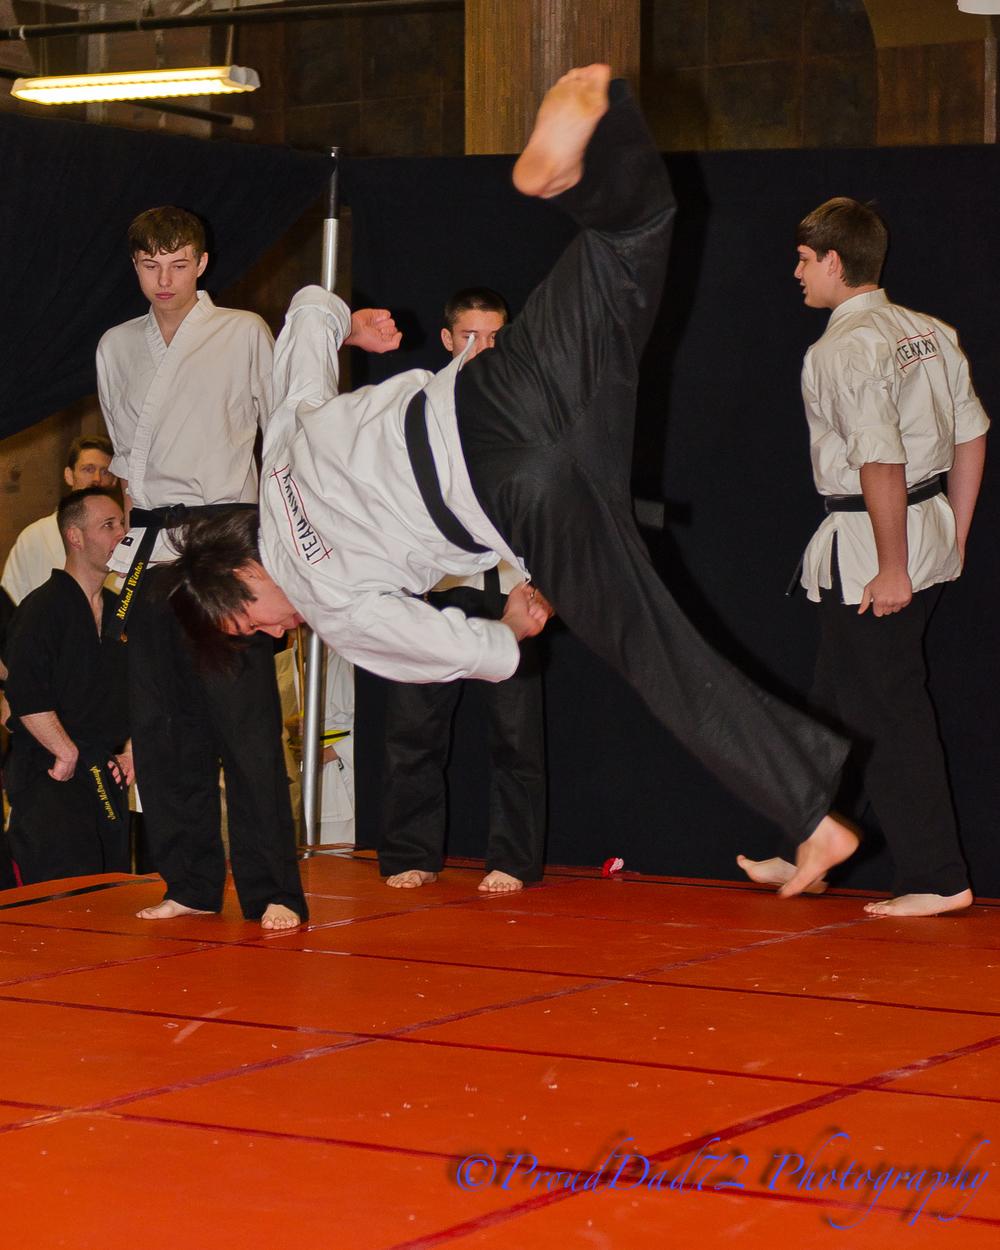 karate1-21-2012-15.jpg